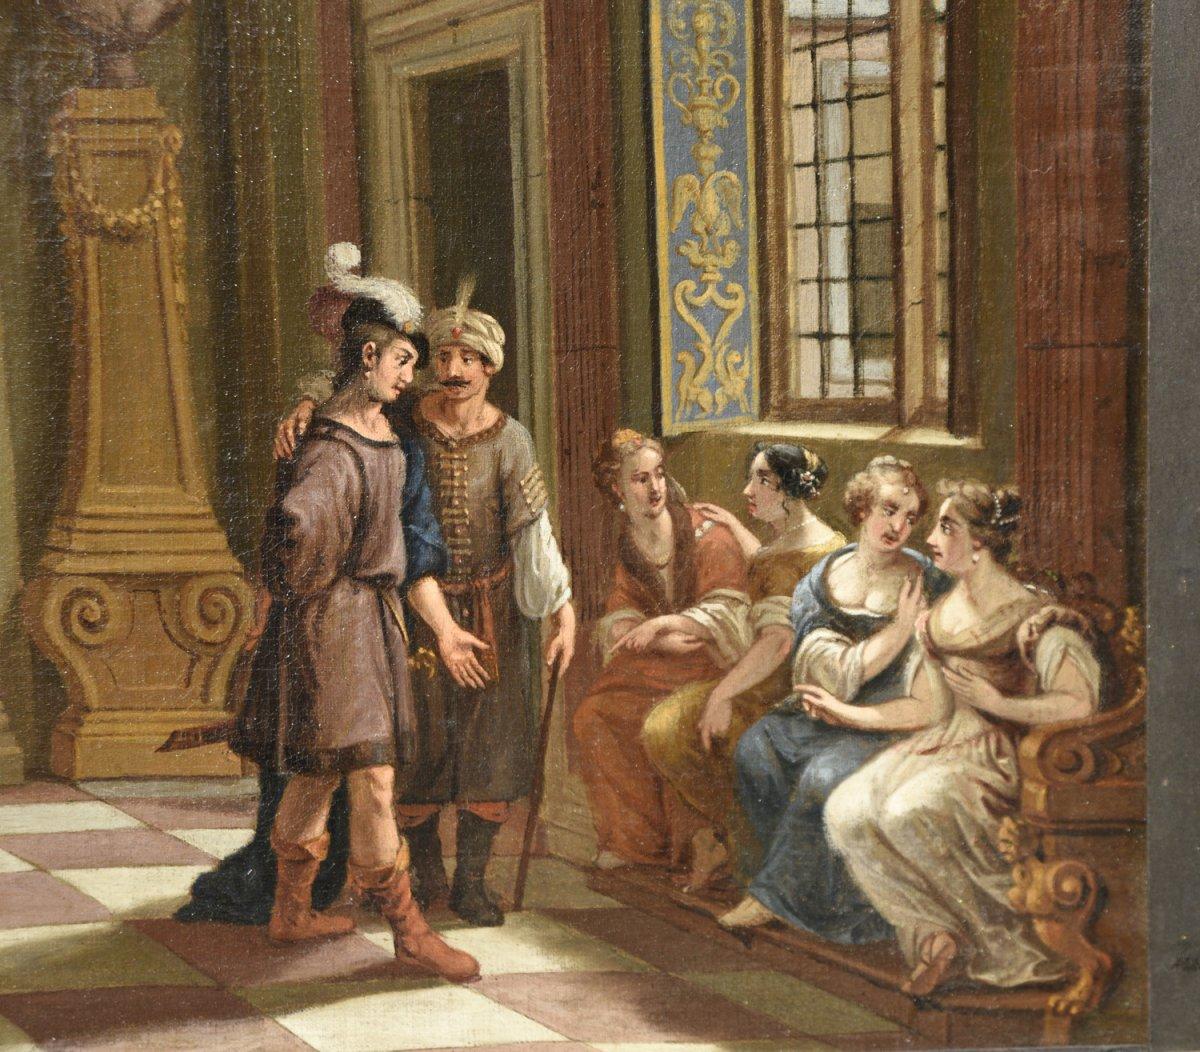 Peinture Ancienne De l'école Hollandaise Du 17ème Siècle